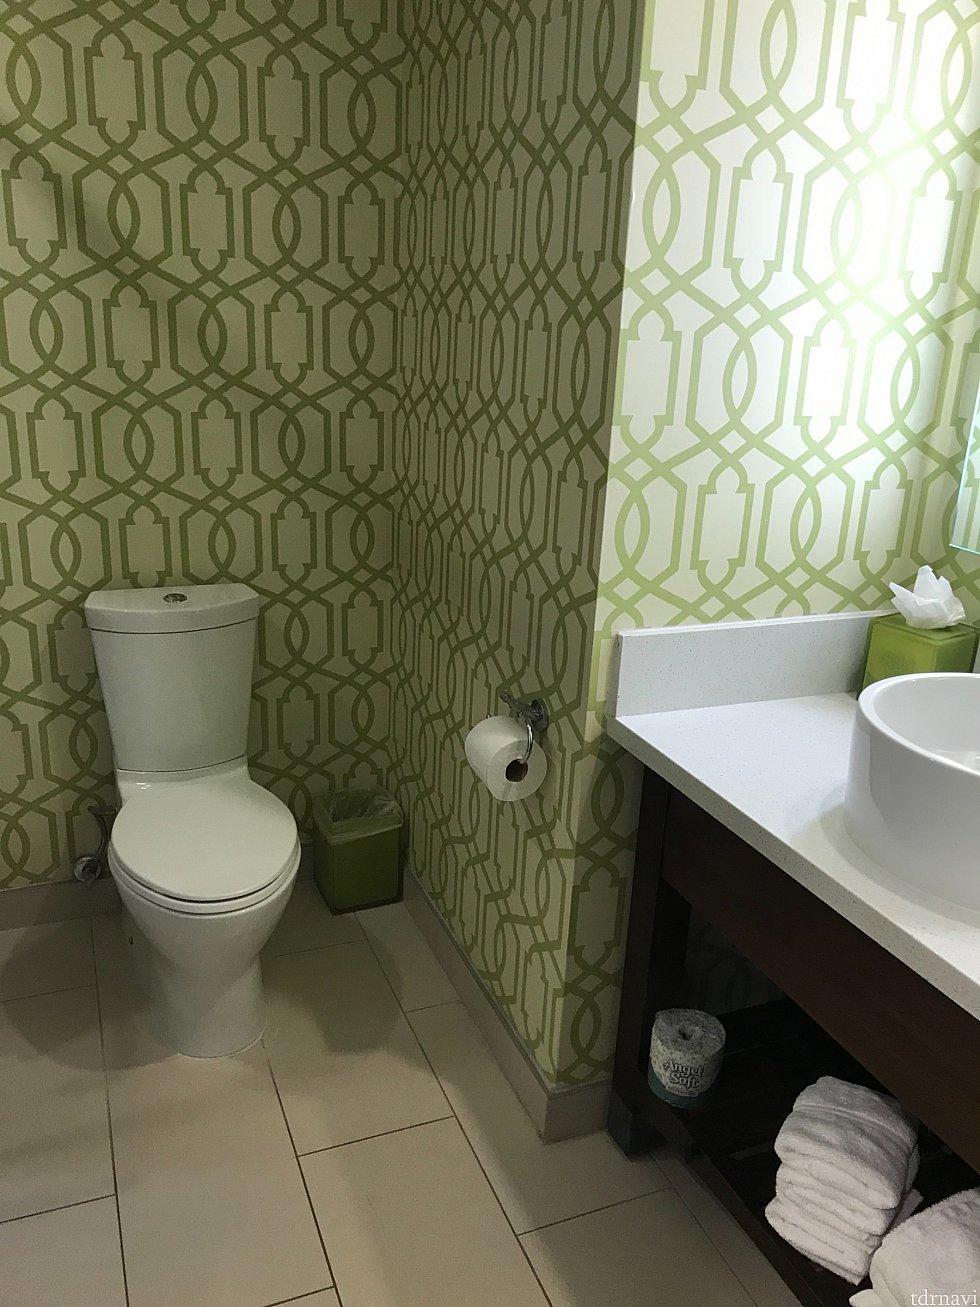 洗面台とおトイレ